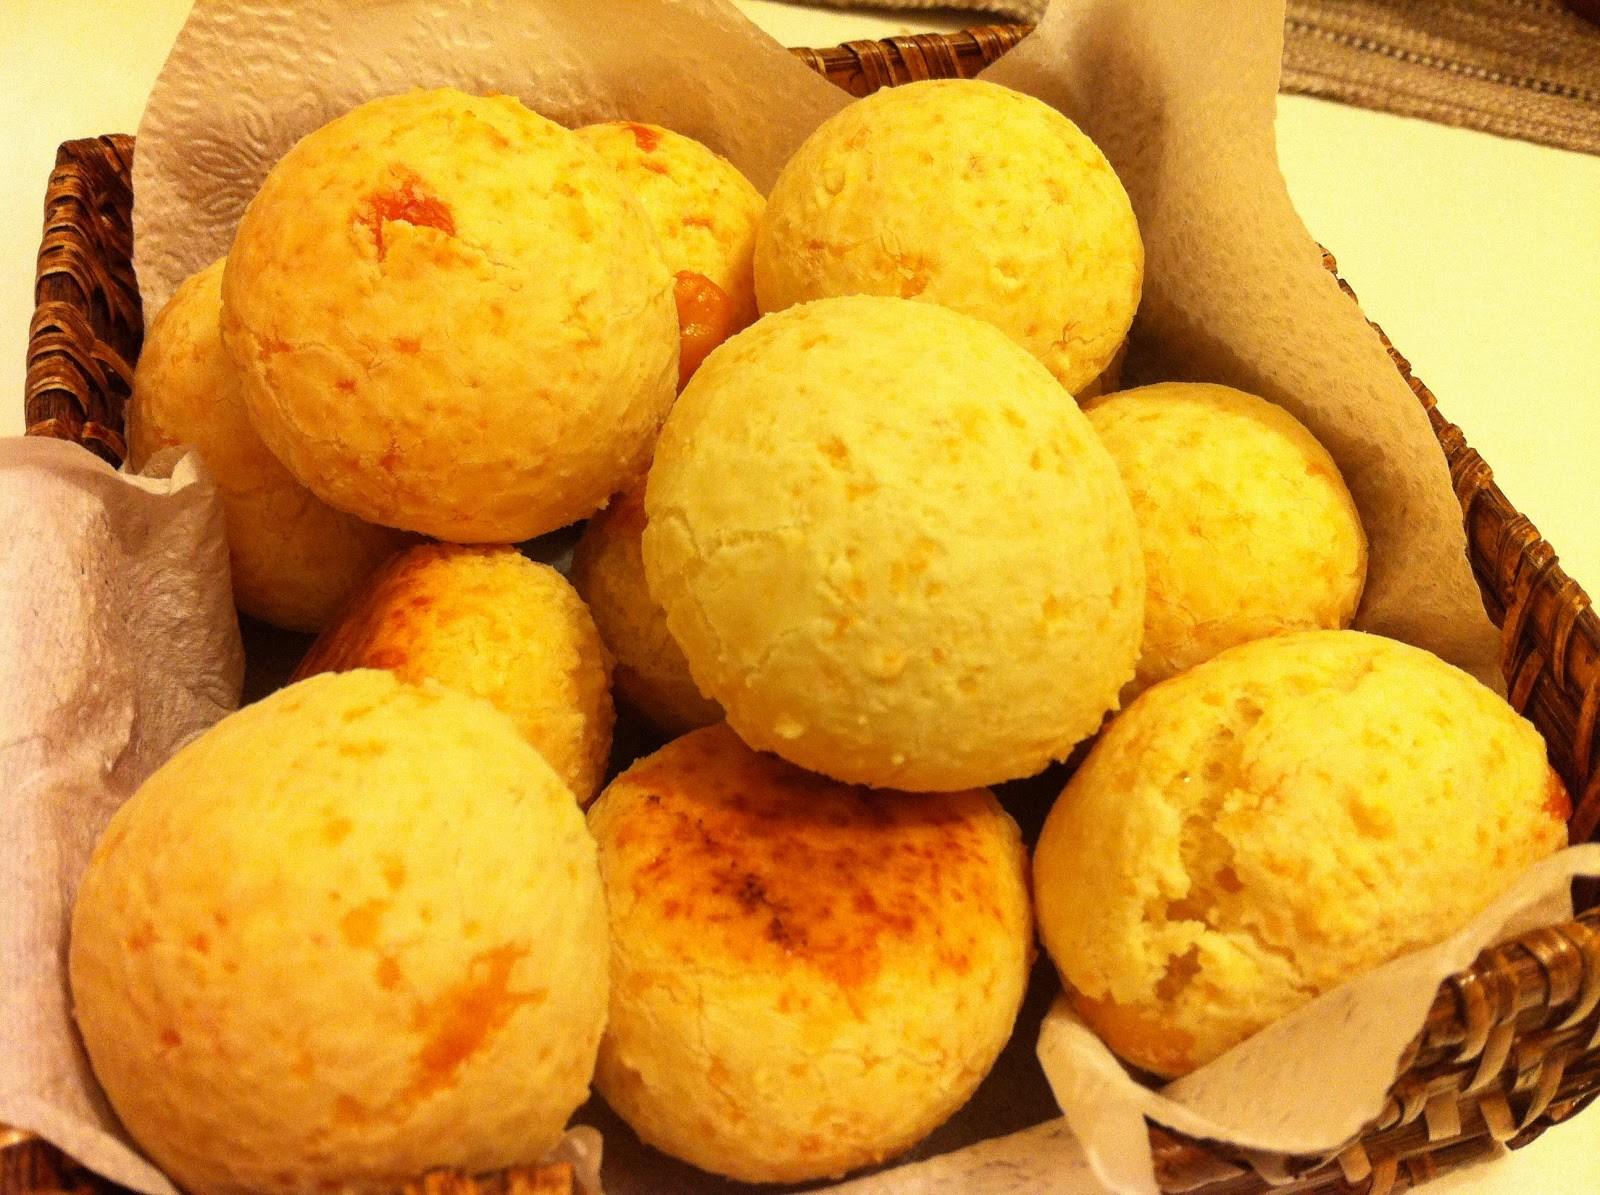 Pão de queijo 3 ingredientes Que tal um pãozinho de queijo agora? Você só precisa de 3 ingredientes para fazer essa delícia!  Veja a receita- http-::www.aguanaboca.org:receita:pao-de-queijo-3-ingredientes: